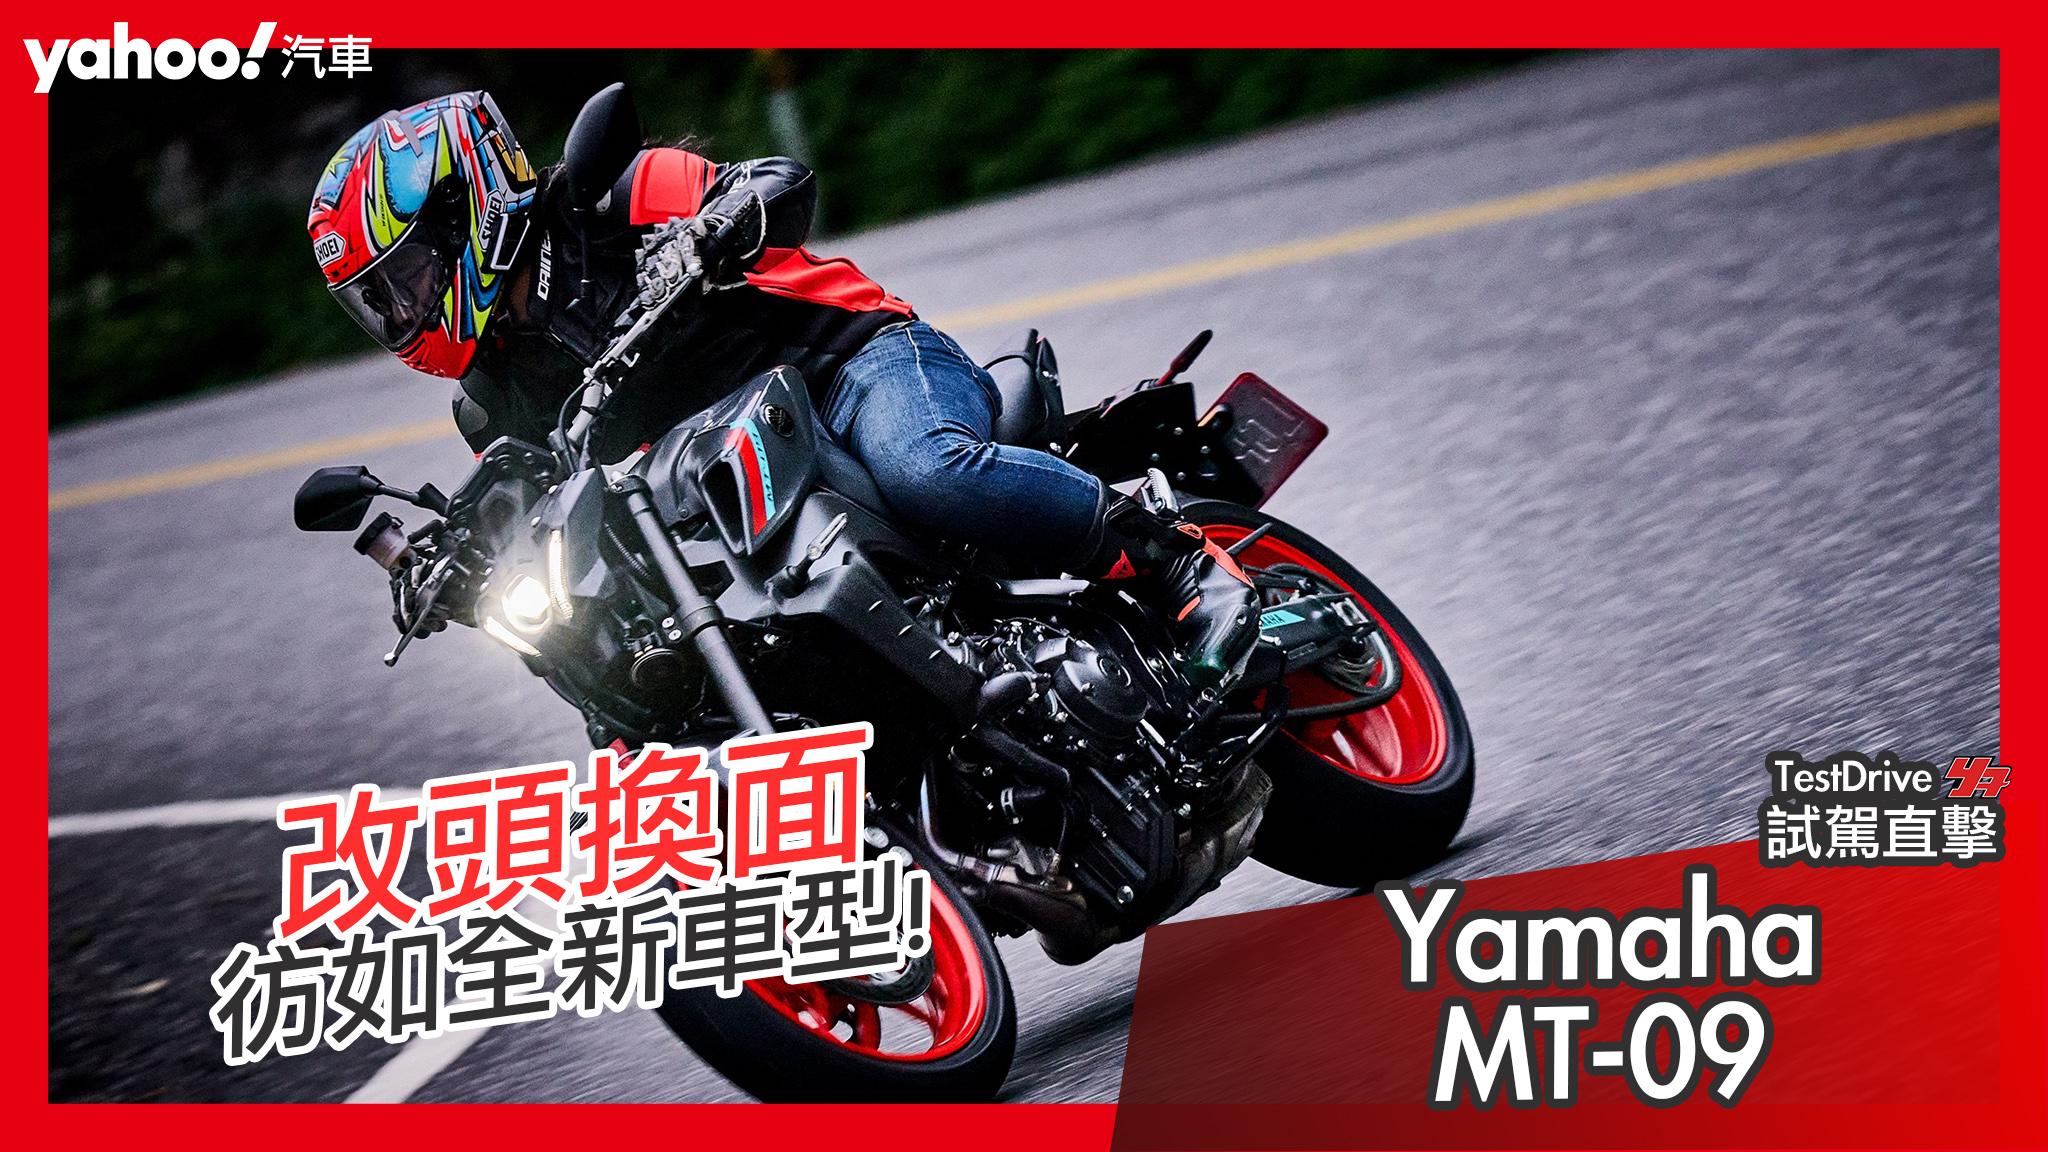 【試駕直擊】2021 Yamaha MT-09全面革新花蓮試駕!改頭換面彷如全新車型!